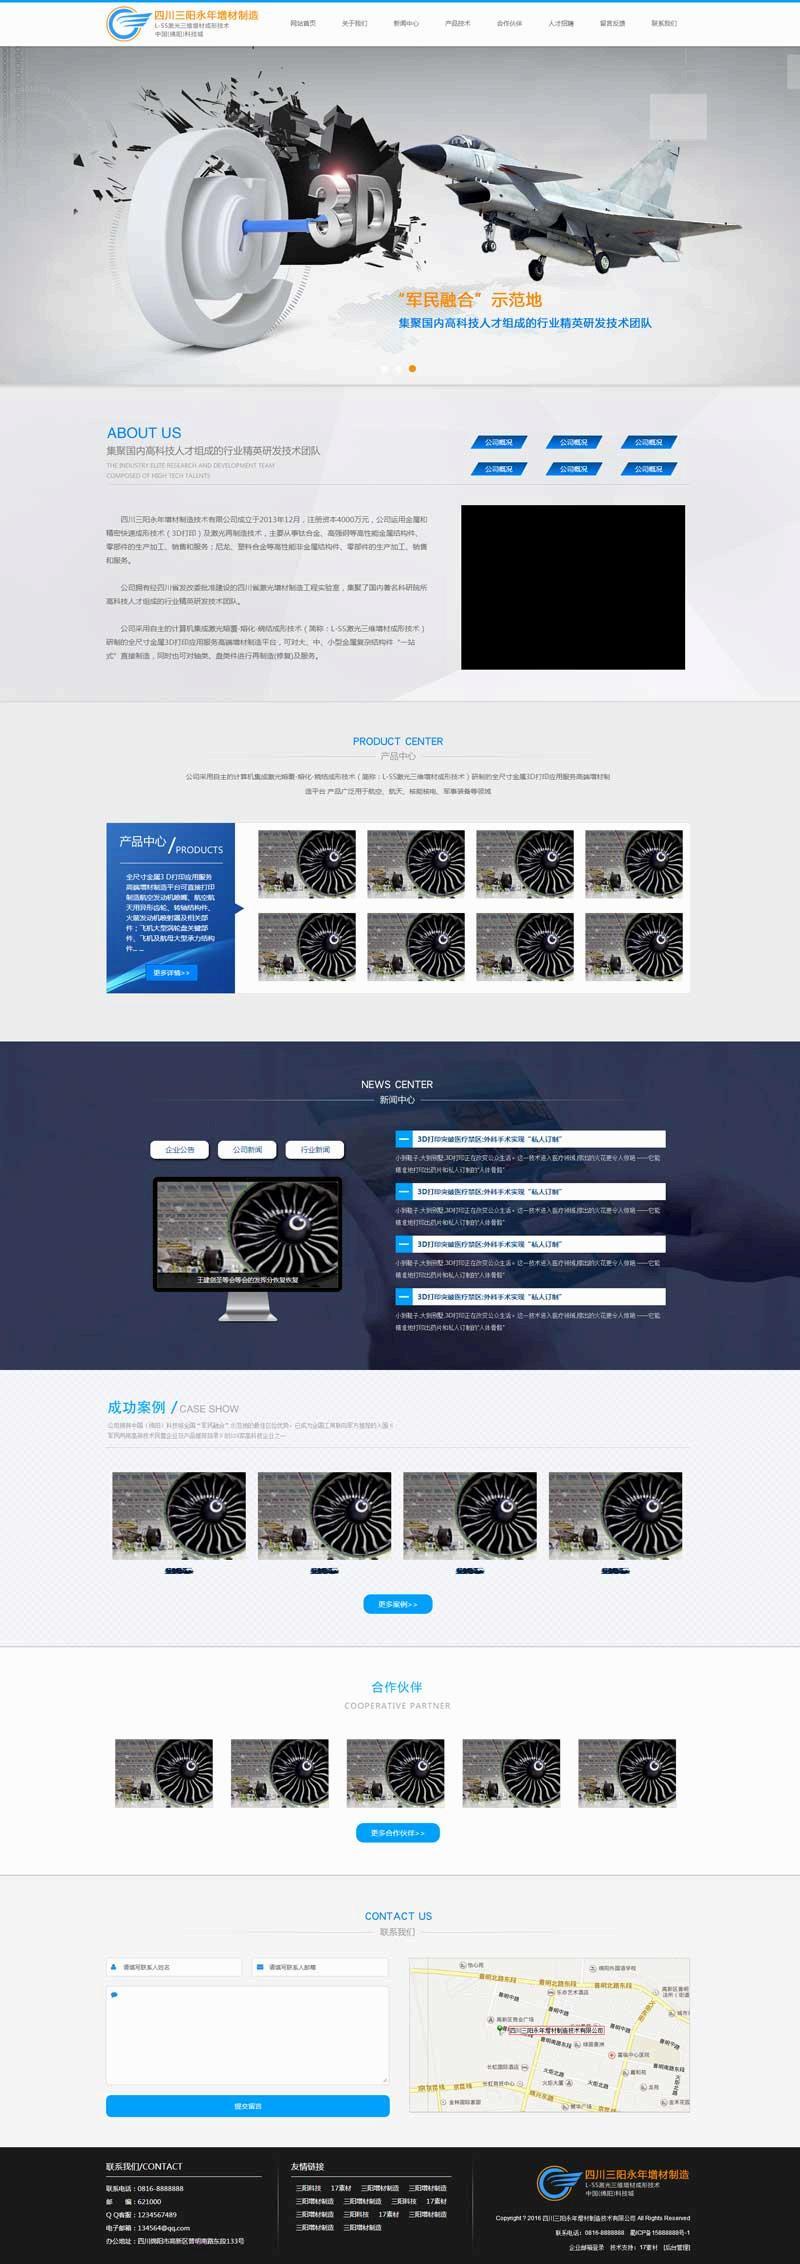 蓝色大气的机械设备制造企业网站模板